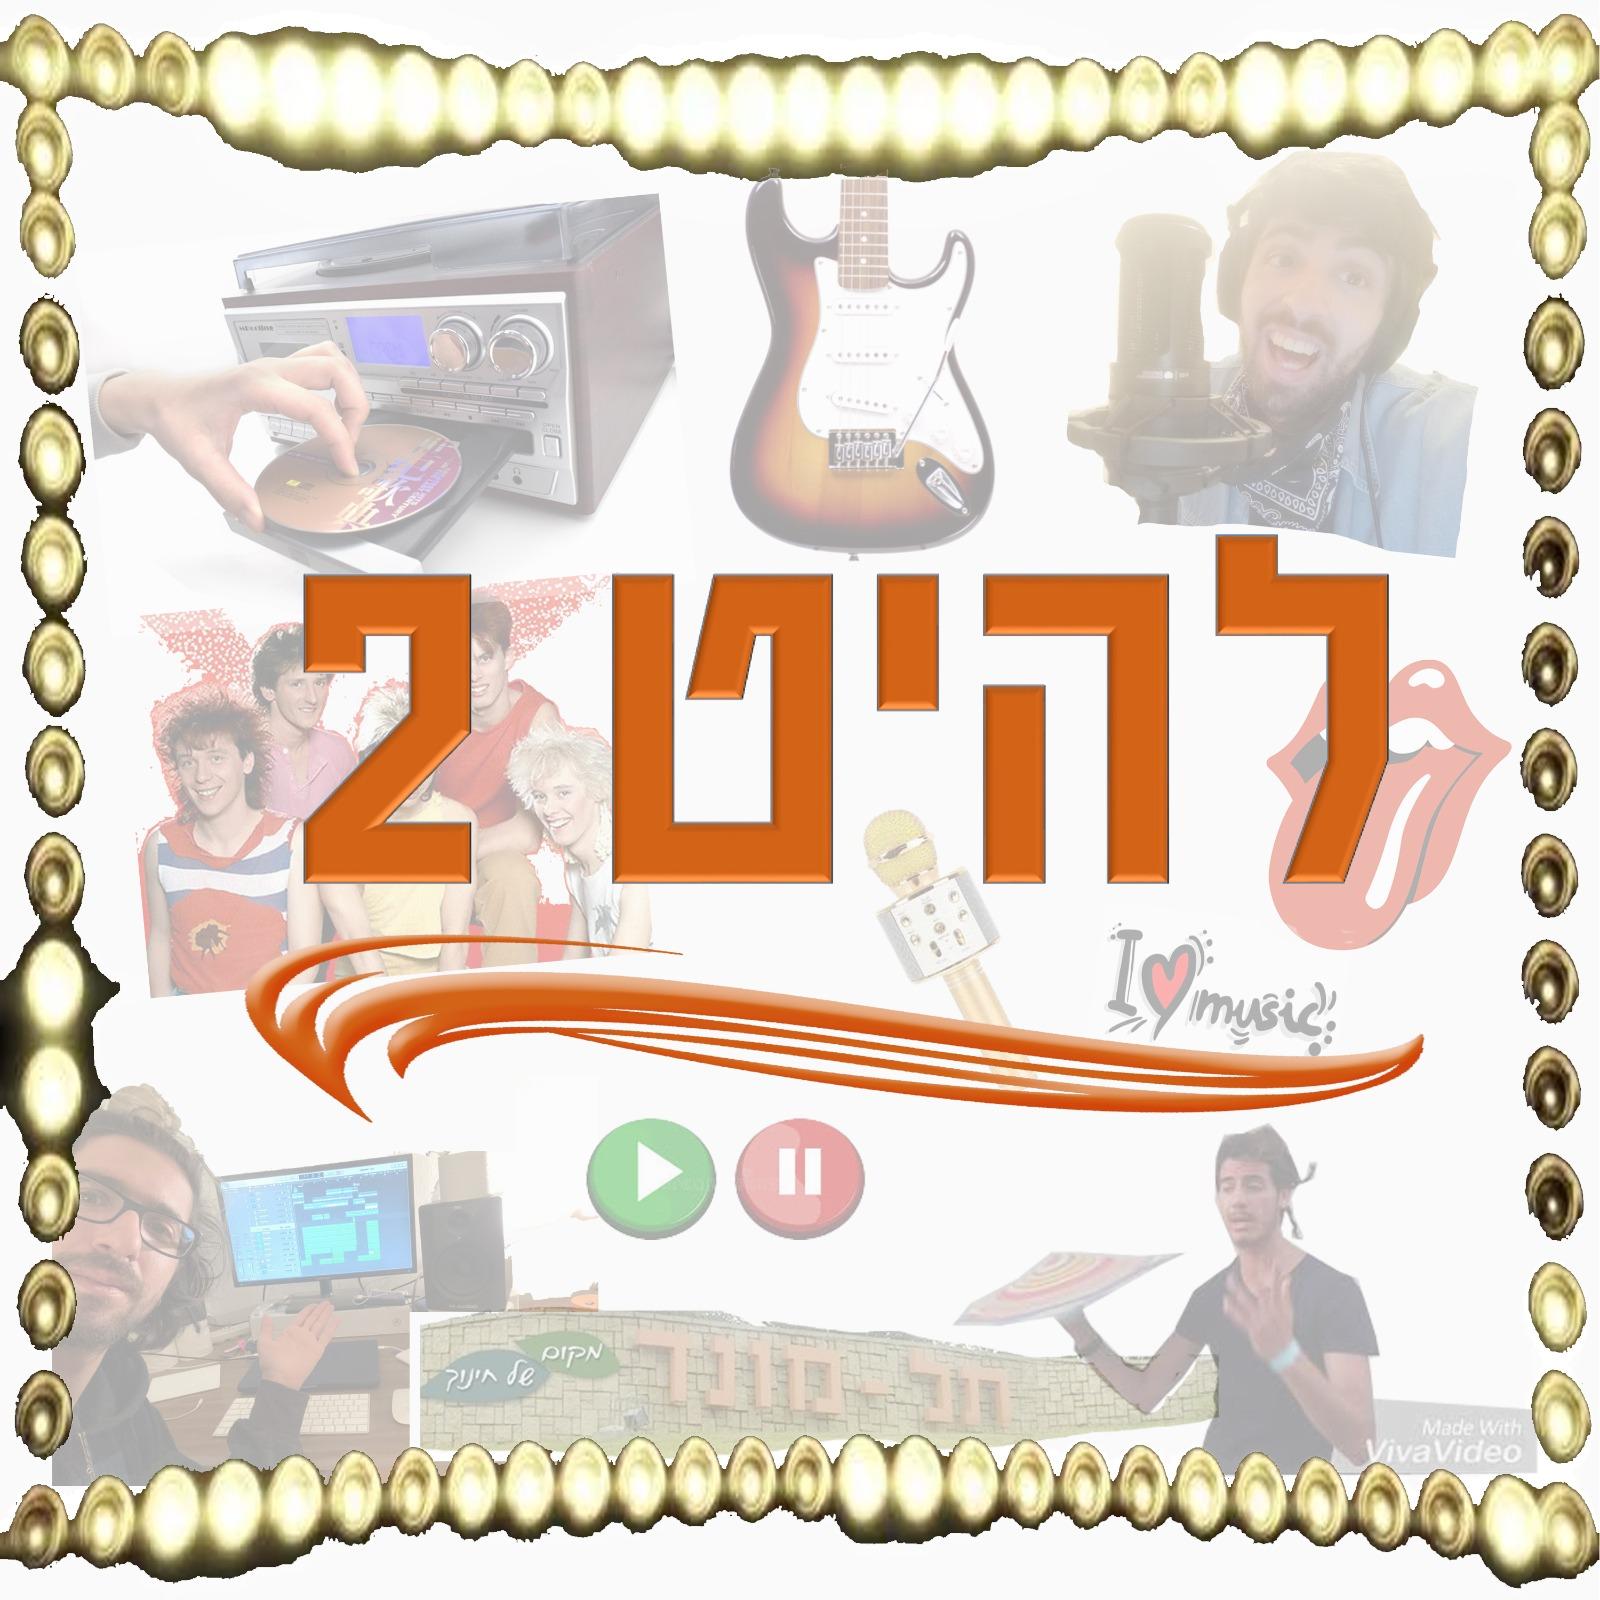 WhatsApp Image 2021-02-24 at 13.31.32